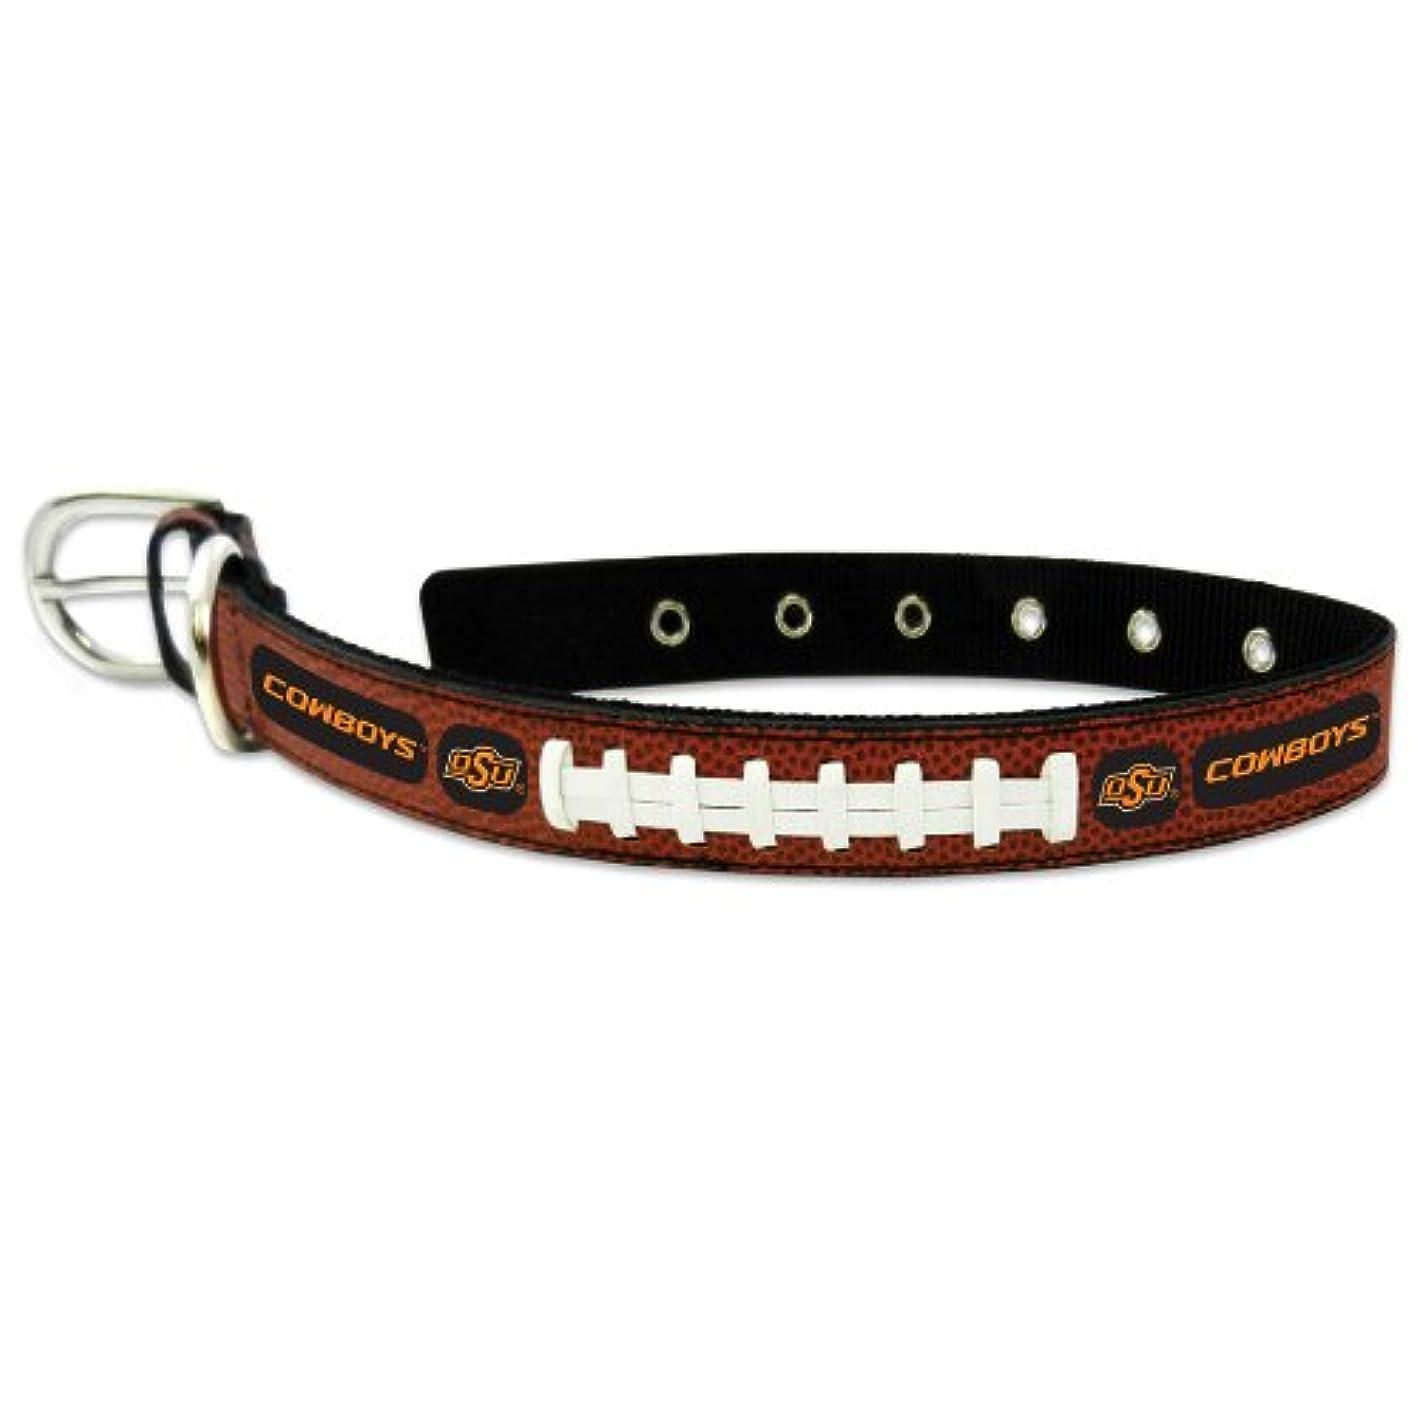 クリア尊敬非常に怒っていますOklahoma State Cowboys Classic Leather Medium Football Collar